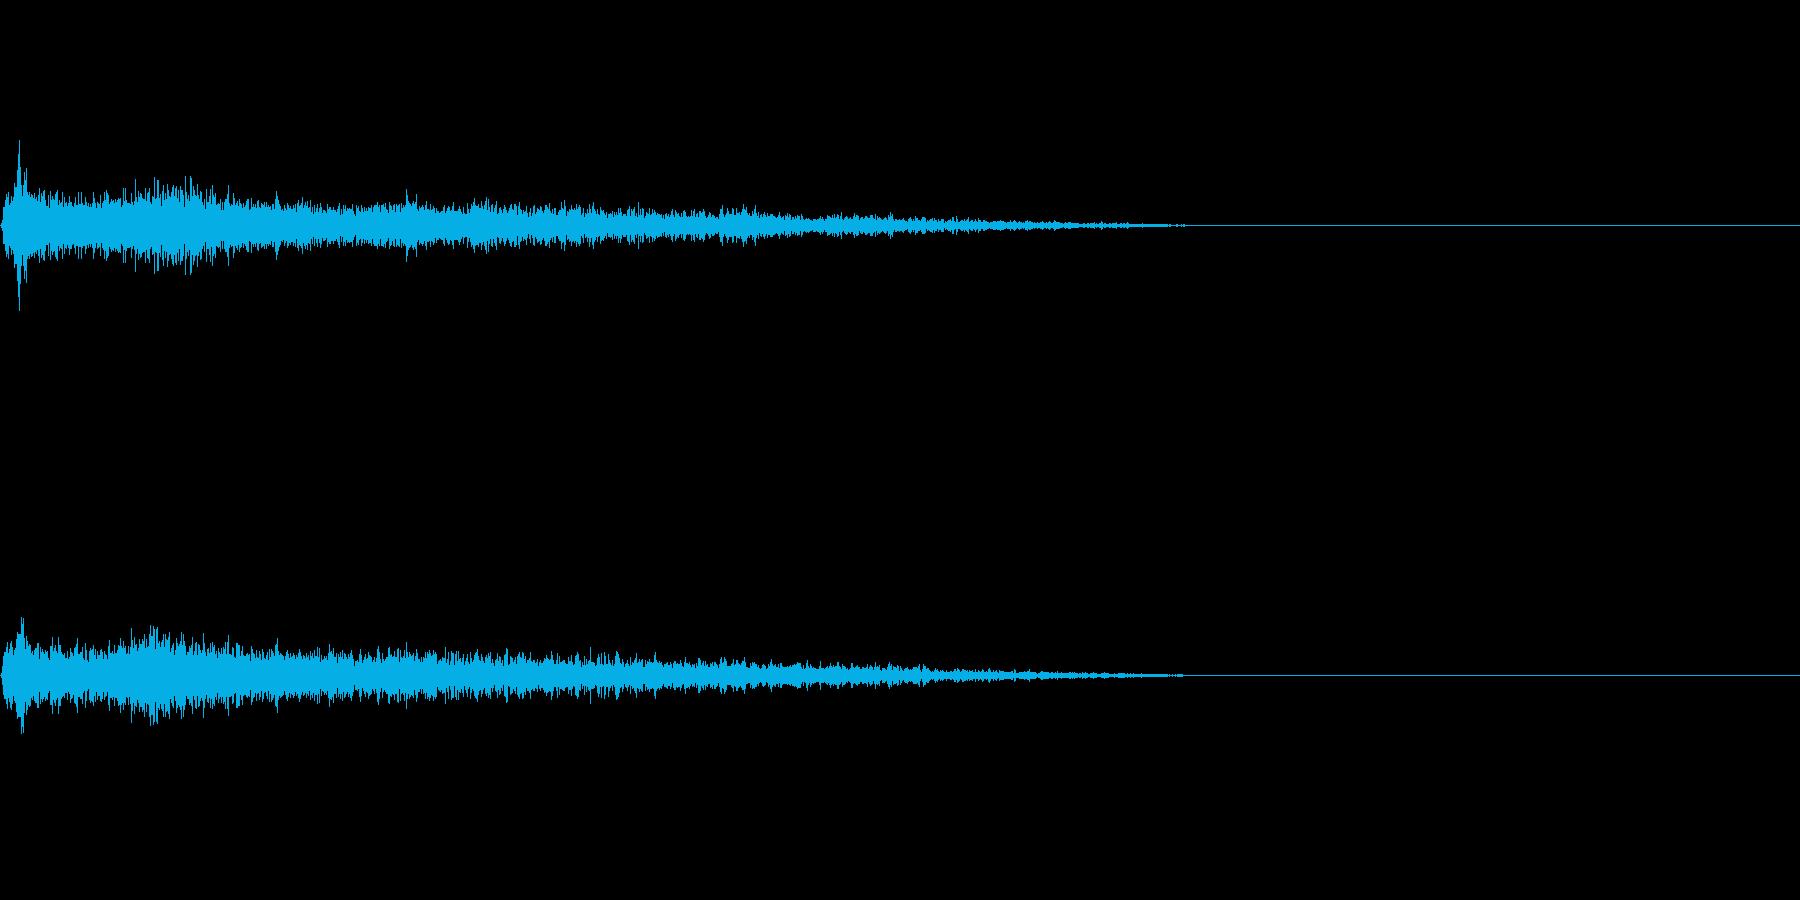 Cメジャー インパクト音 衝撃音の再生済みの波形